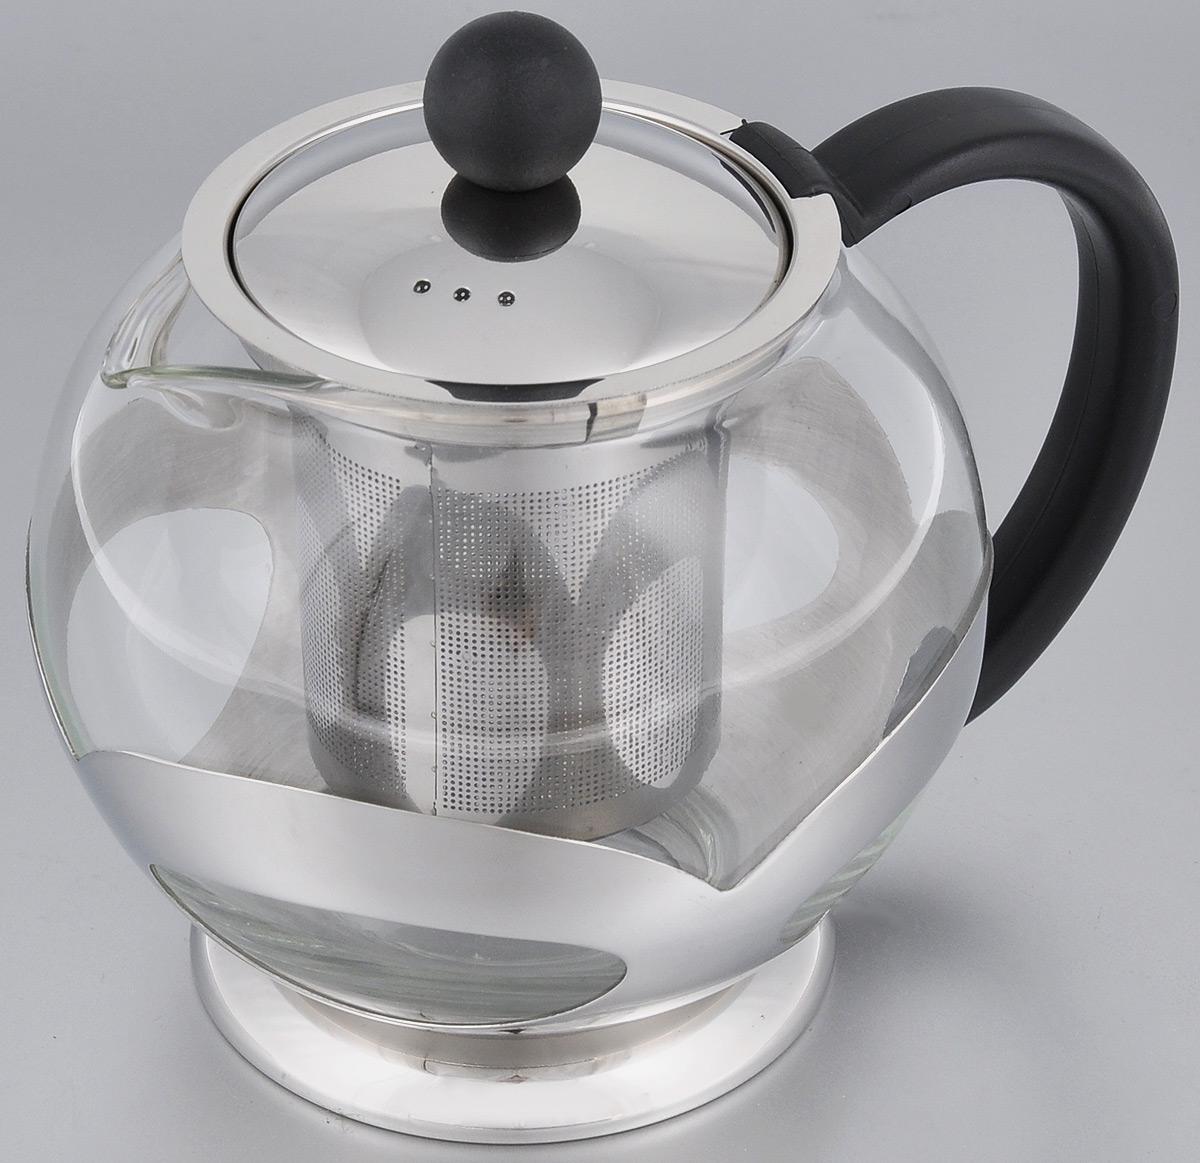 Чайник заварочный Miolla, с фильтром, 750 млCM000001328Заварочный чайник Miolla, изготовленный из термостойкого стекла, предоставит вам все необходимые возможности для успешного заваривания чая. Чай в таком чайнике дольше остается горячим, а полезные и ароматические вещества полностью сохраняются в напитке. Чайник оснащен фильтром, который выполнен из нержавеющей стали. Простой и удобный чайник поможет вам приготовить крепкий, ароматный чай.Нельзя мыть в посудомоечной машине. Не использовать в микроволновой печи.Диаметр чайника (по верхнему краю): 7,5 см.Высота чайника (без учета крышки): 11,5 см.Высота фильтра: 8 см.